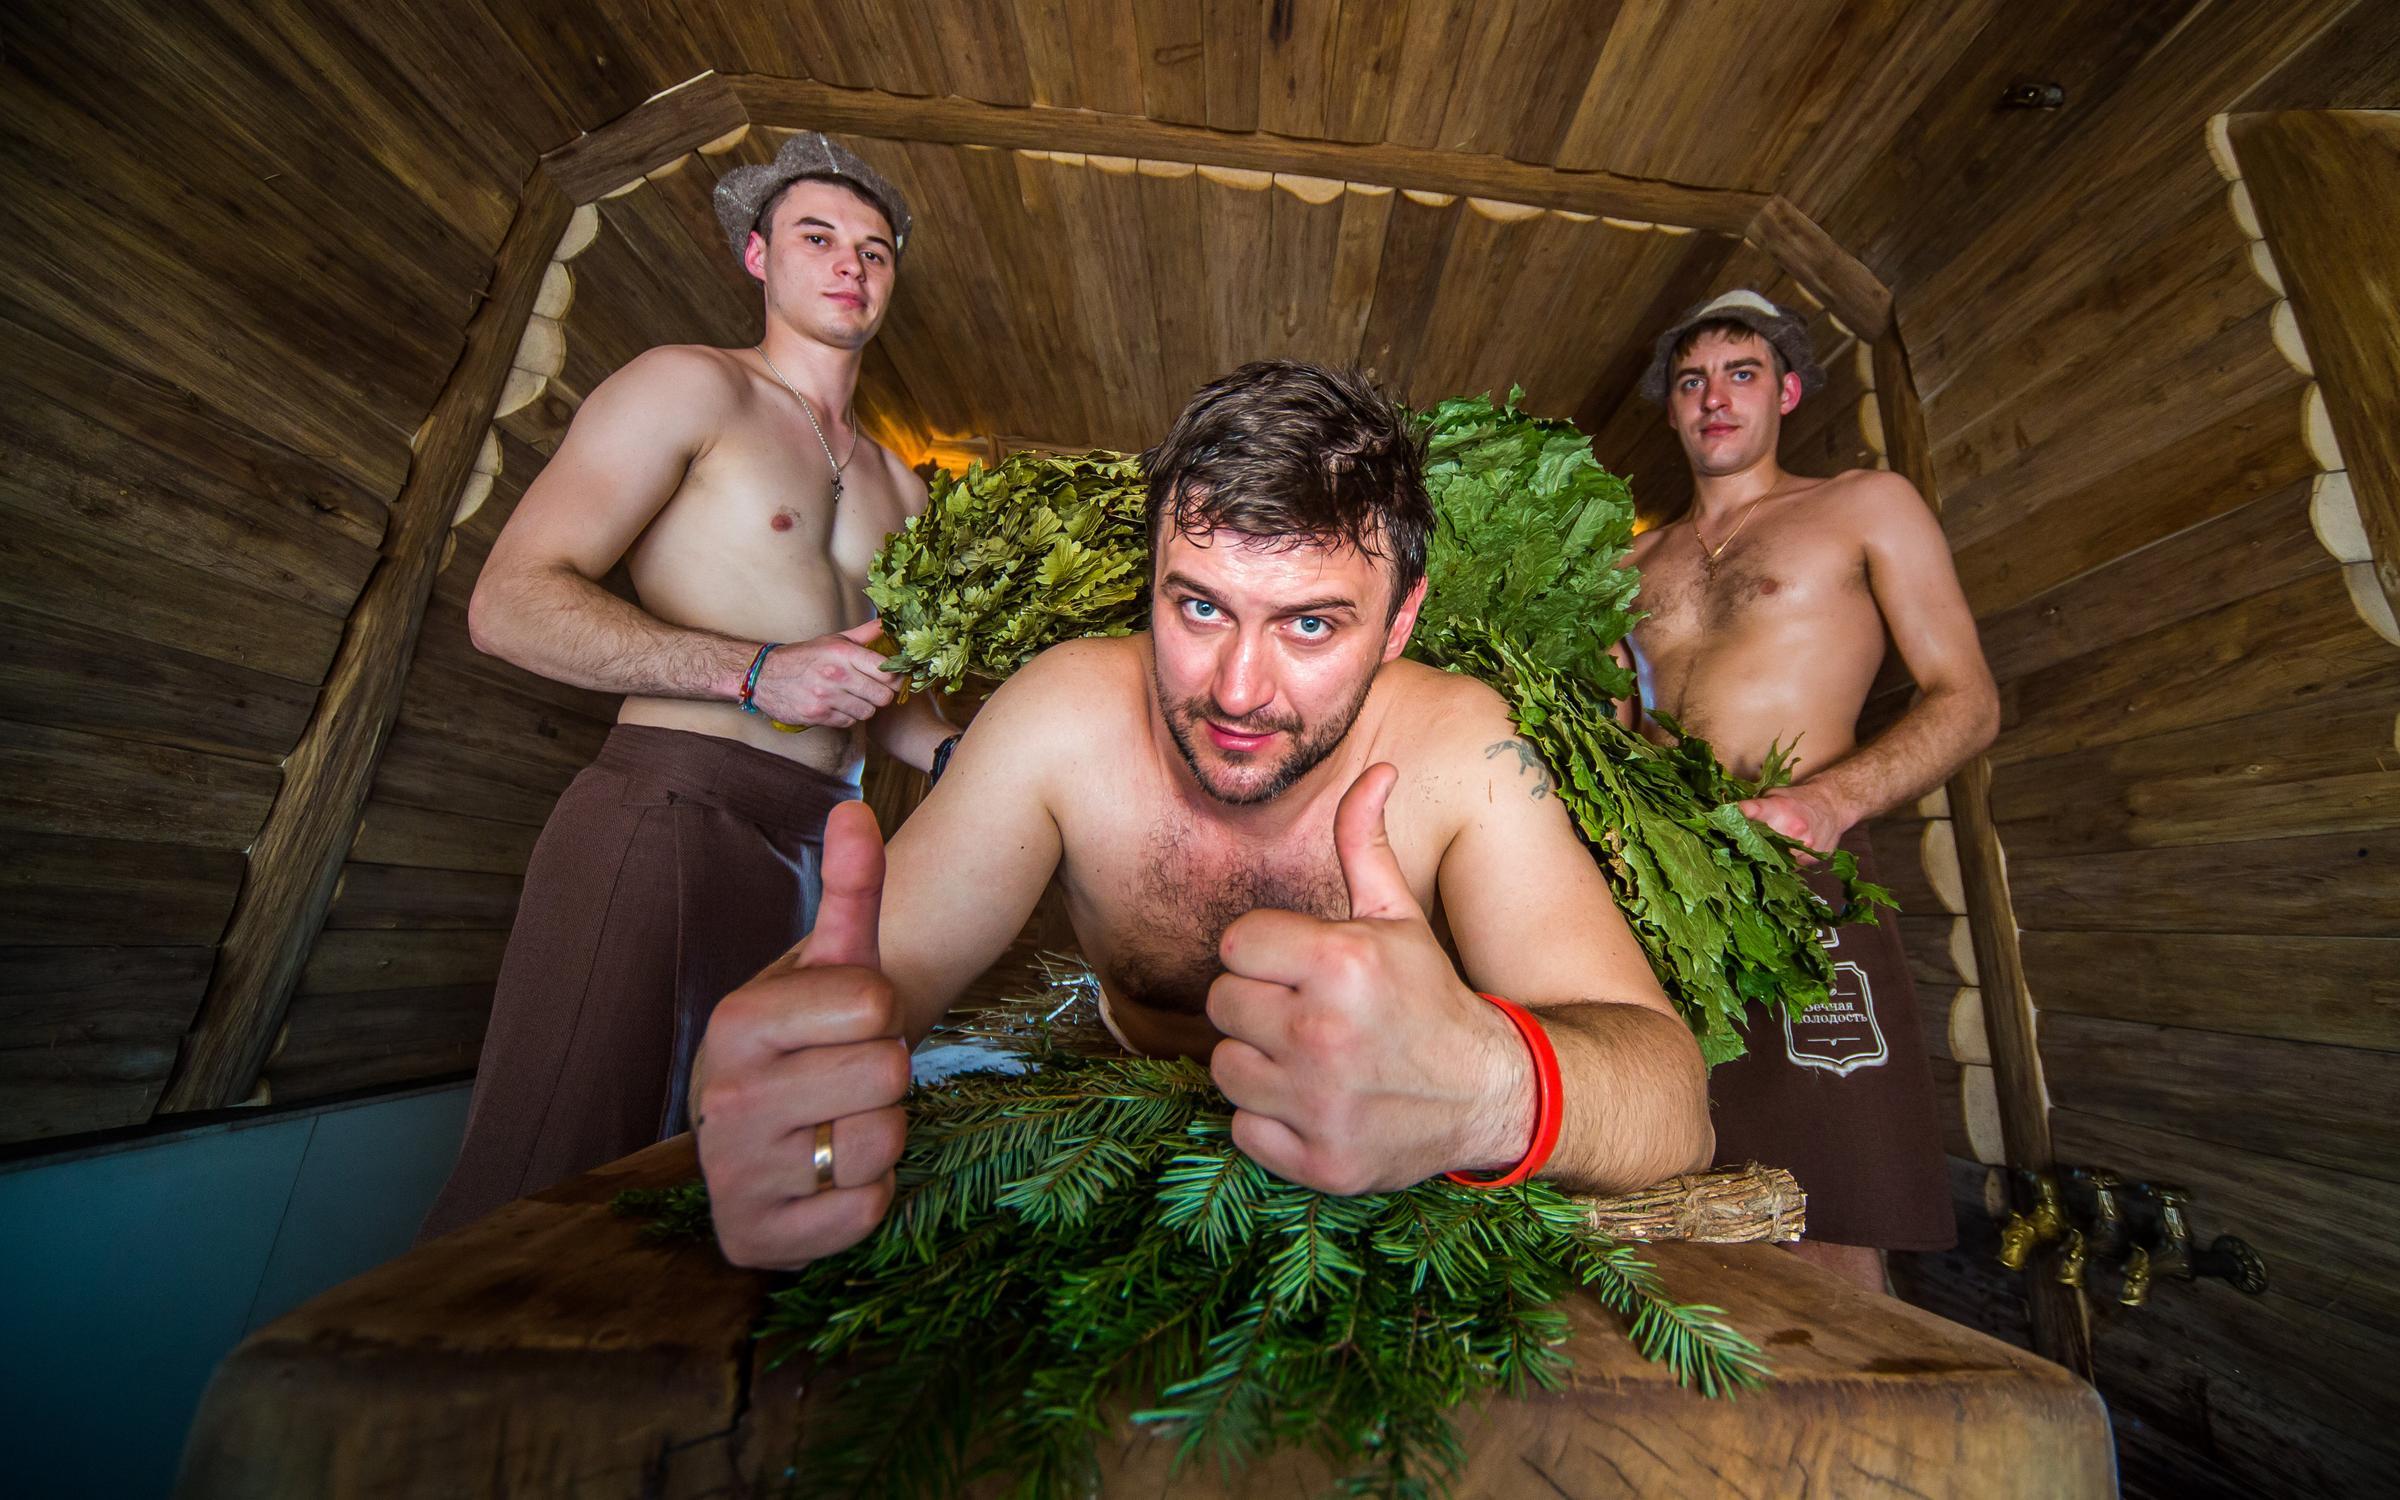 давилась, продолжала фото три мужика в бане взял тебя себе